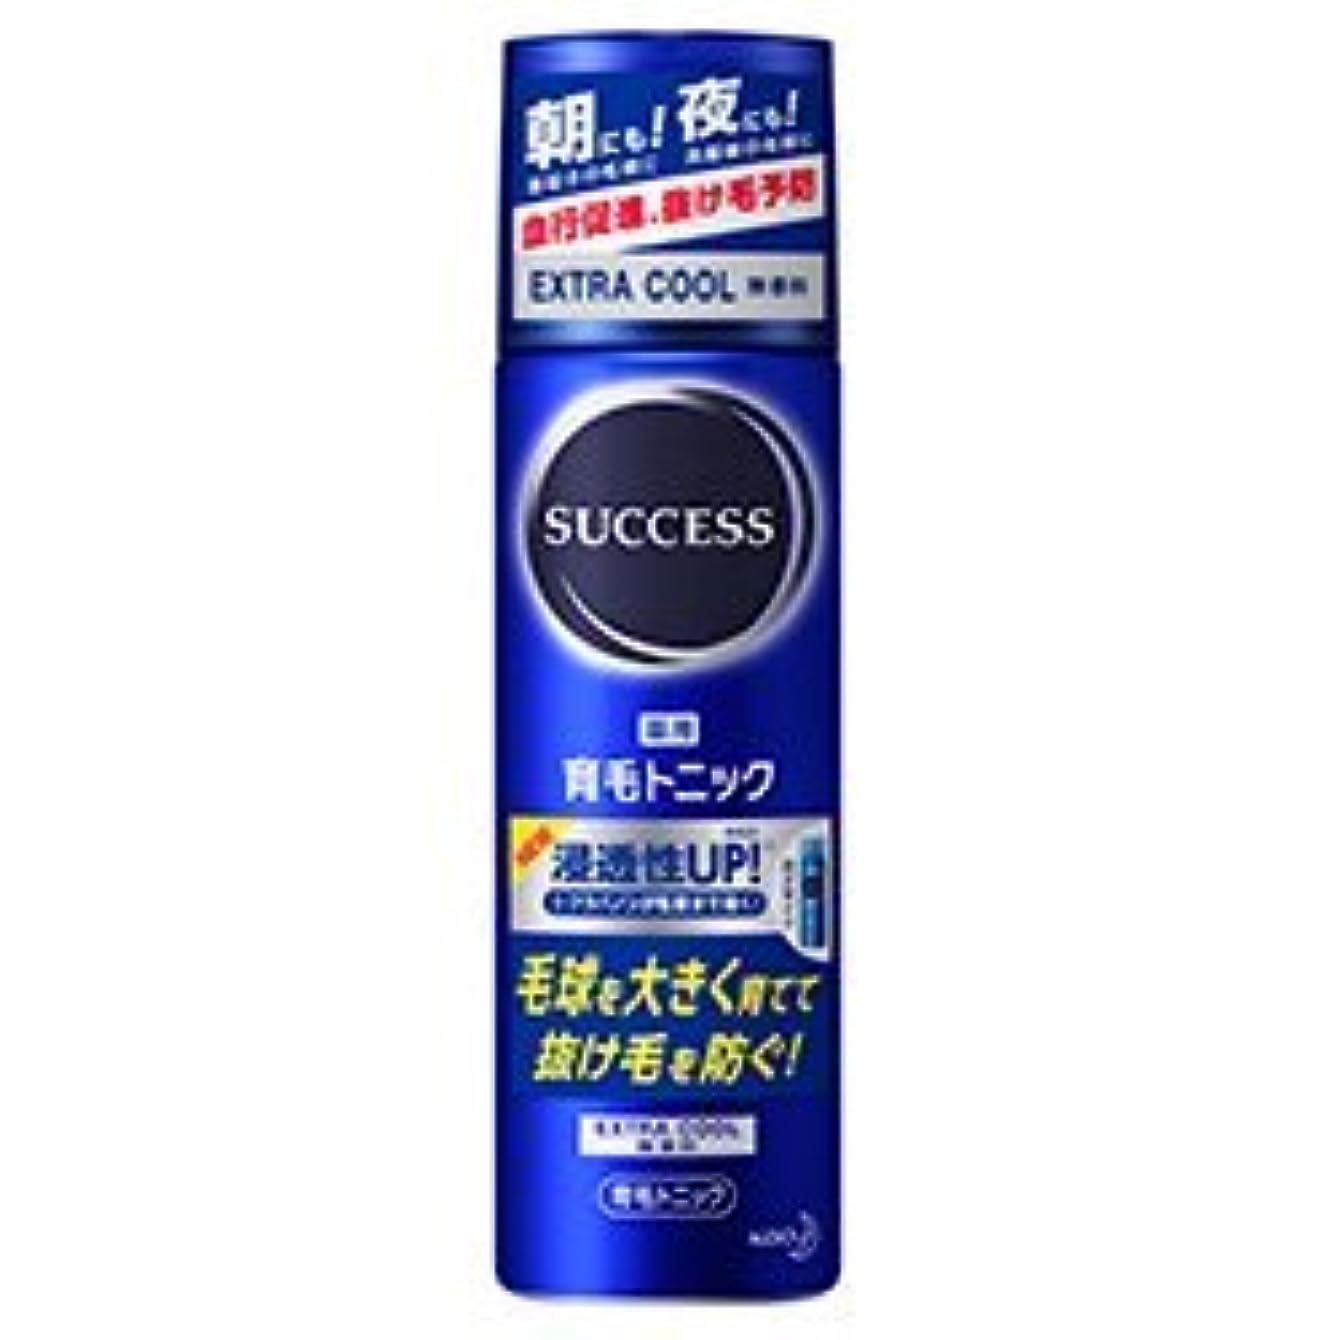 飲料阻害するマングル【花王】サクセス 薬用育毛トニック 無香料 180g ×10個セット